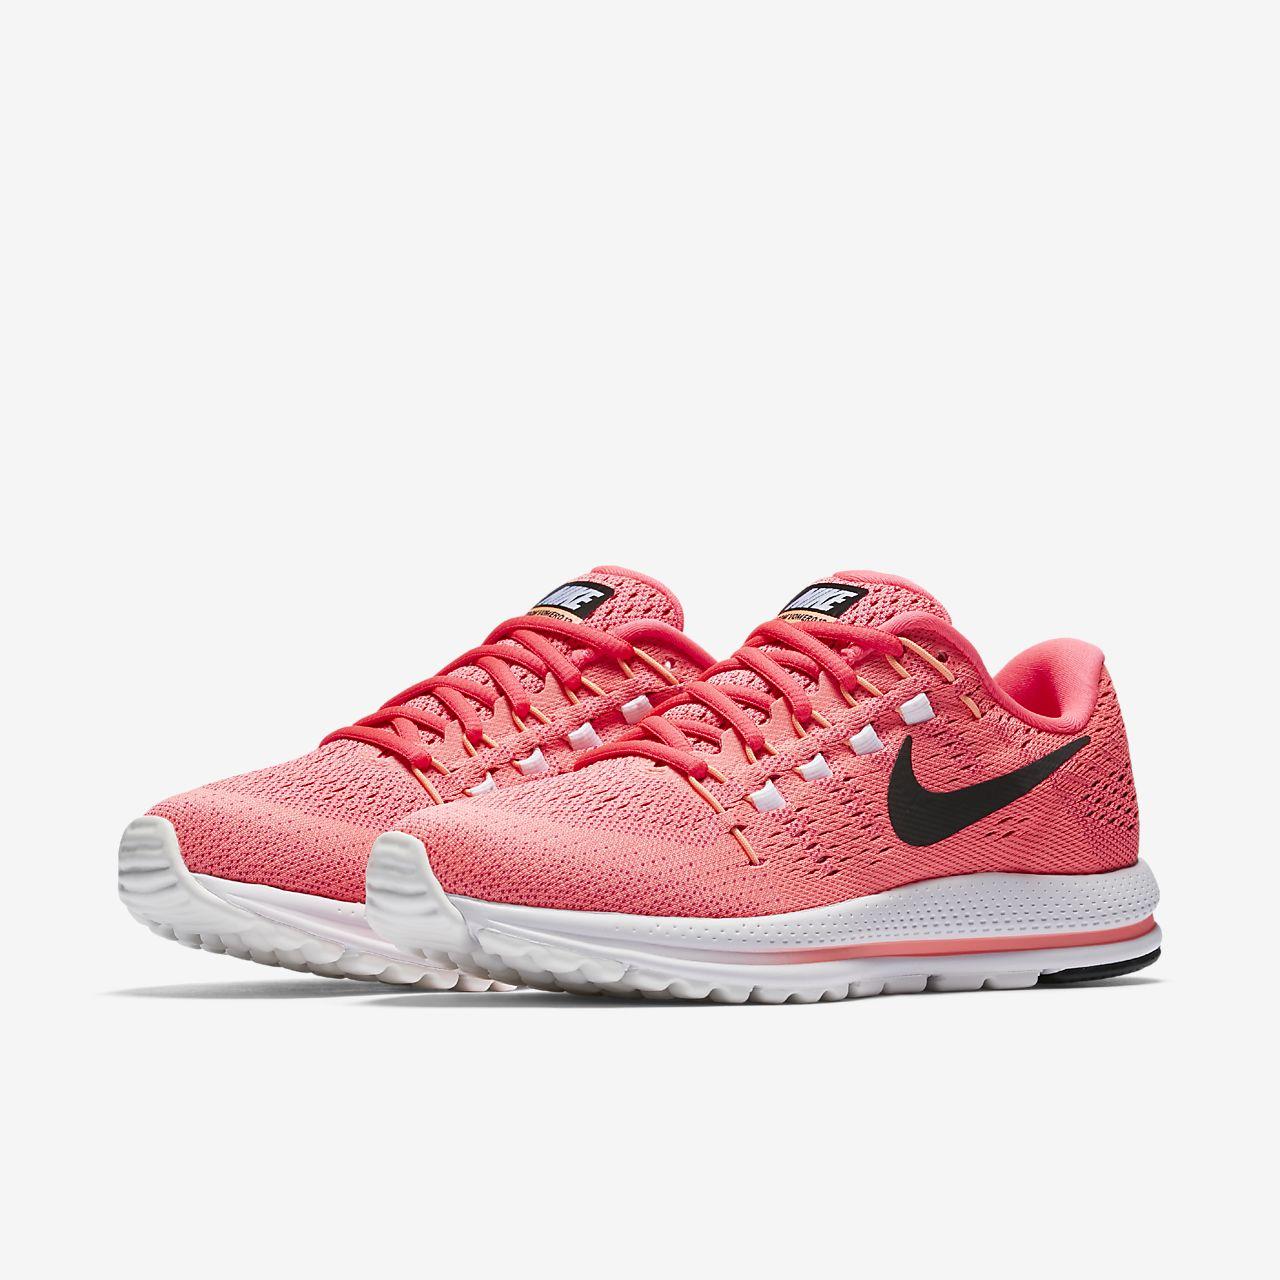 ... Nike Air Zoom Vomero 12 Women's Running Shoe